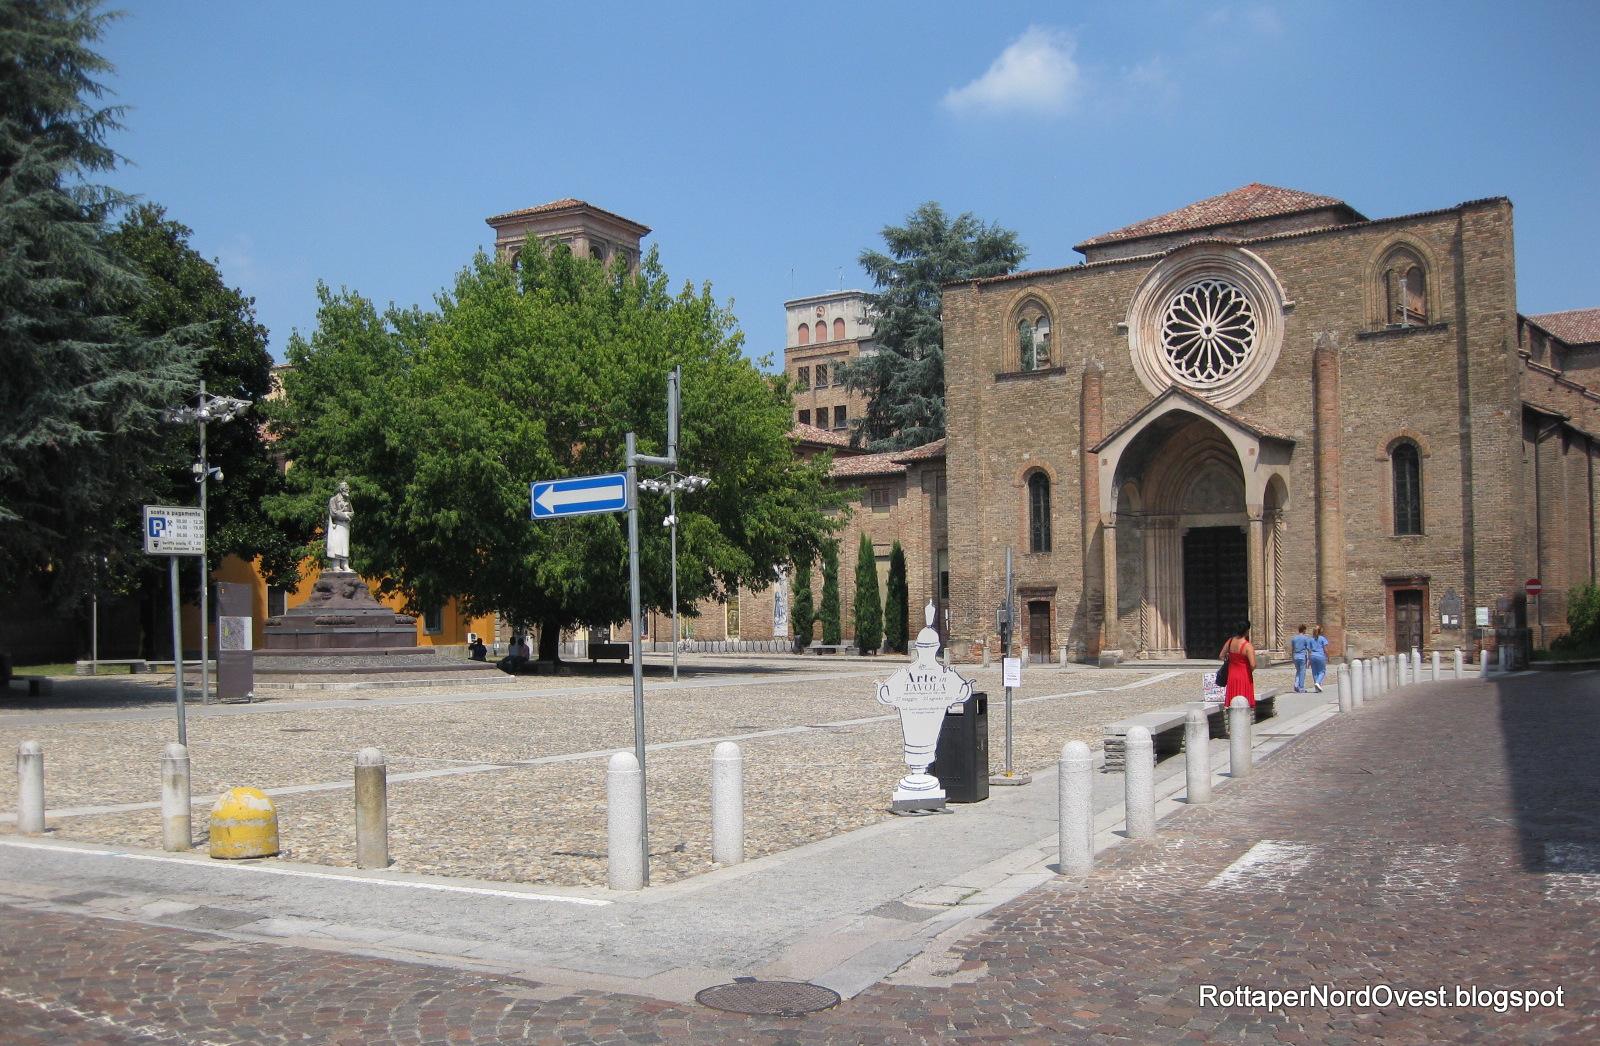 Rottapernordovest lodi for Piazza san francesco prato